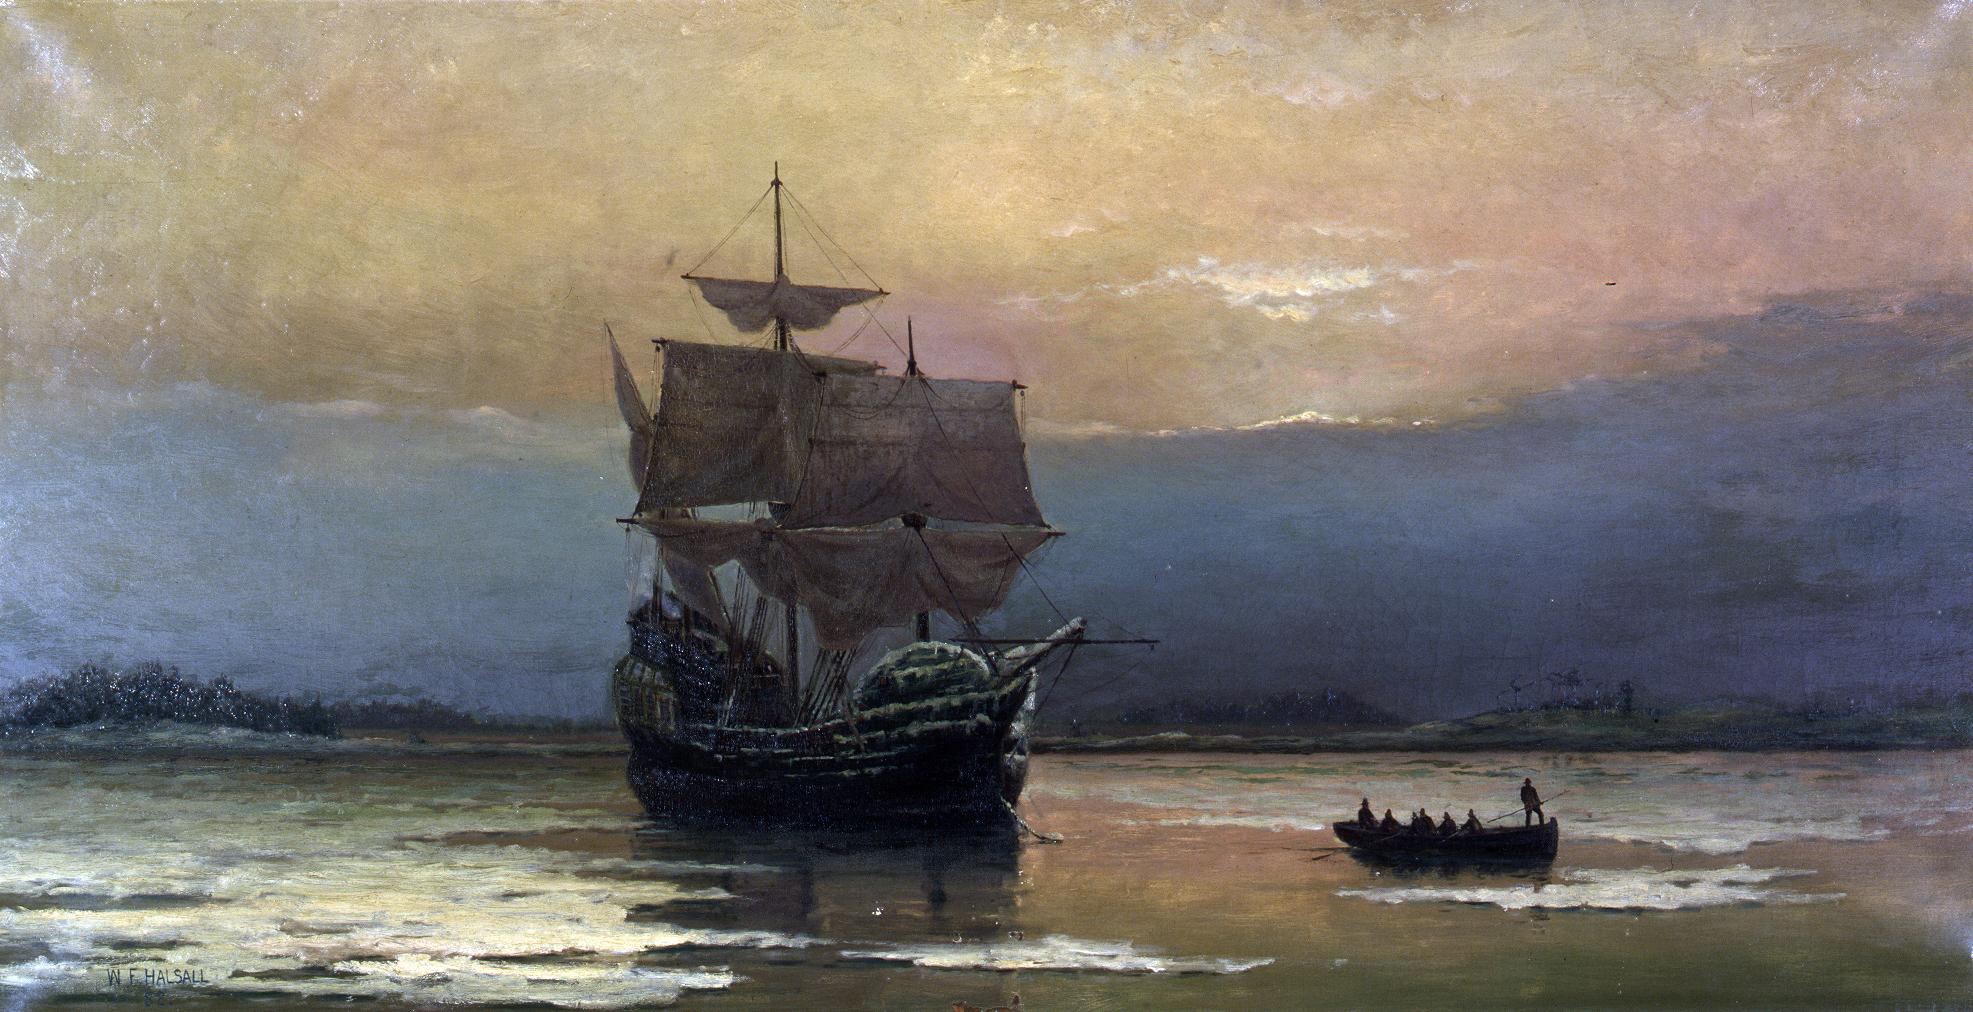 1620年,102名乘客乘坐五月花號木製帆船,到了普利茅斯,定下「普利茅斯公約」。圖為〈五月花號在普利茅斯港〉,William Halsall繪於1882年。(公有領域)